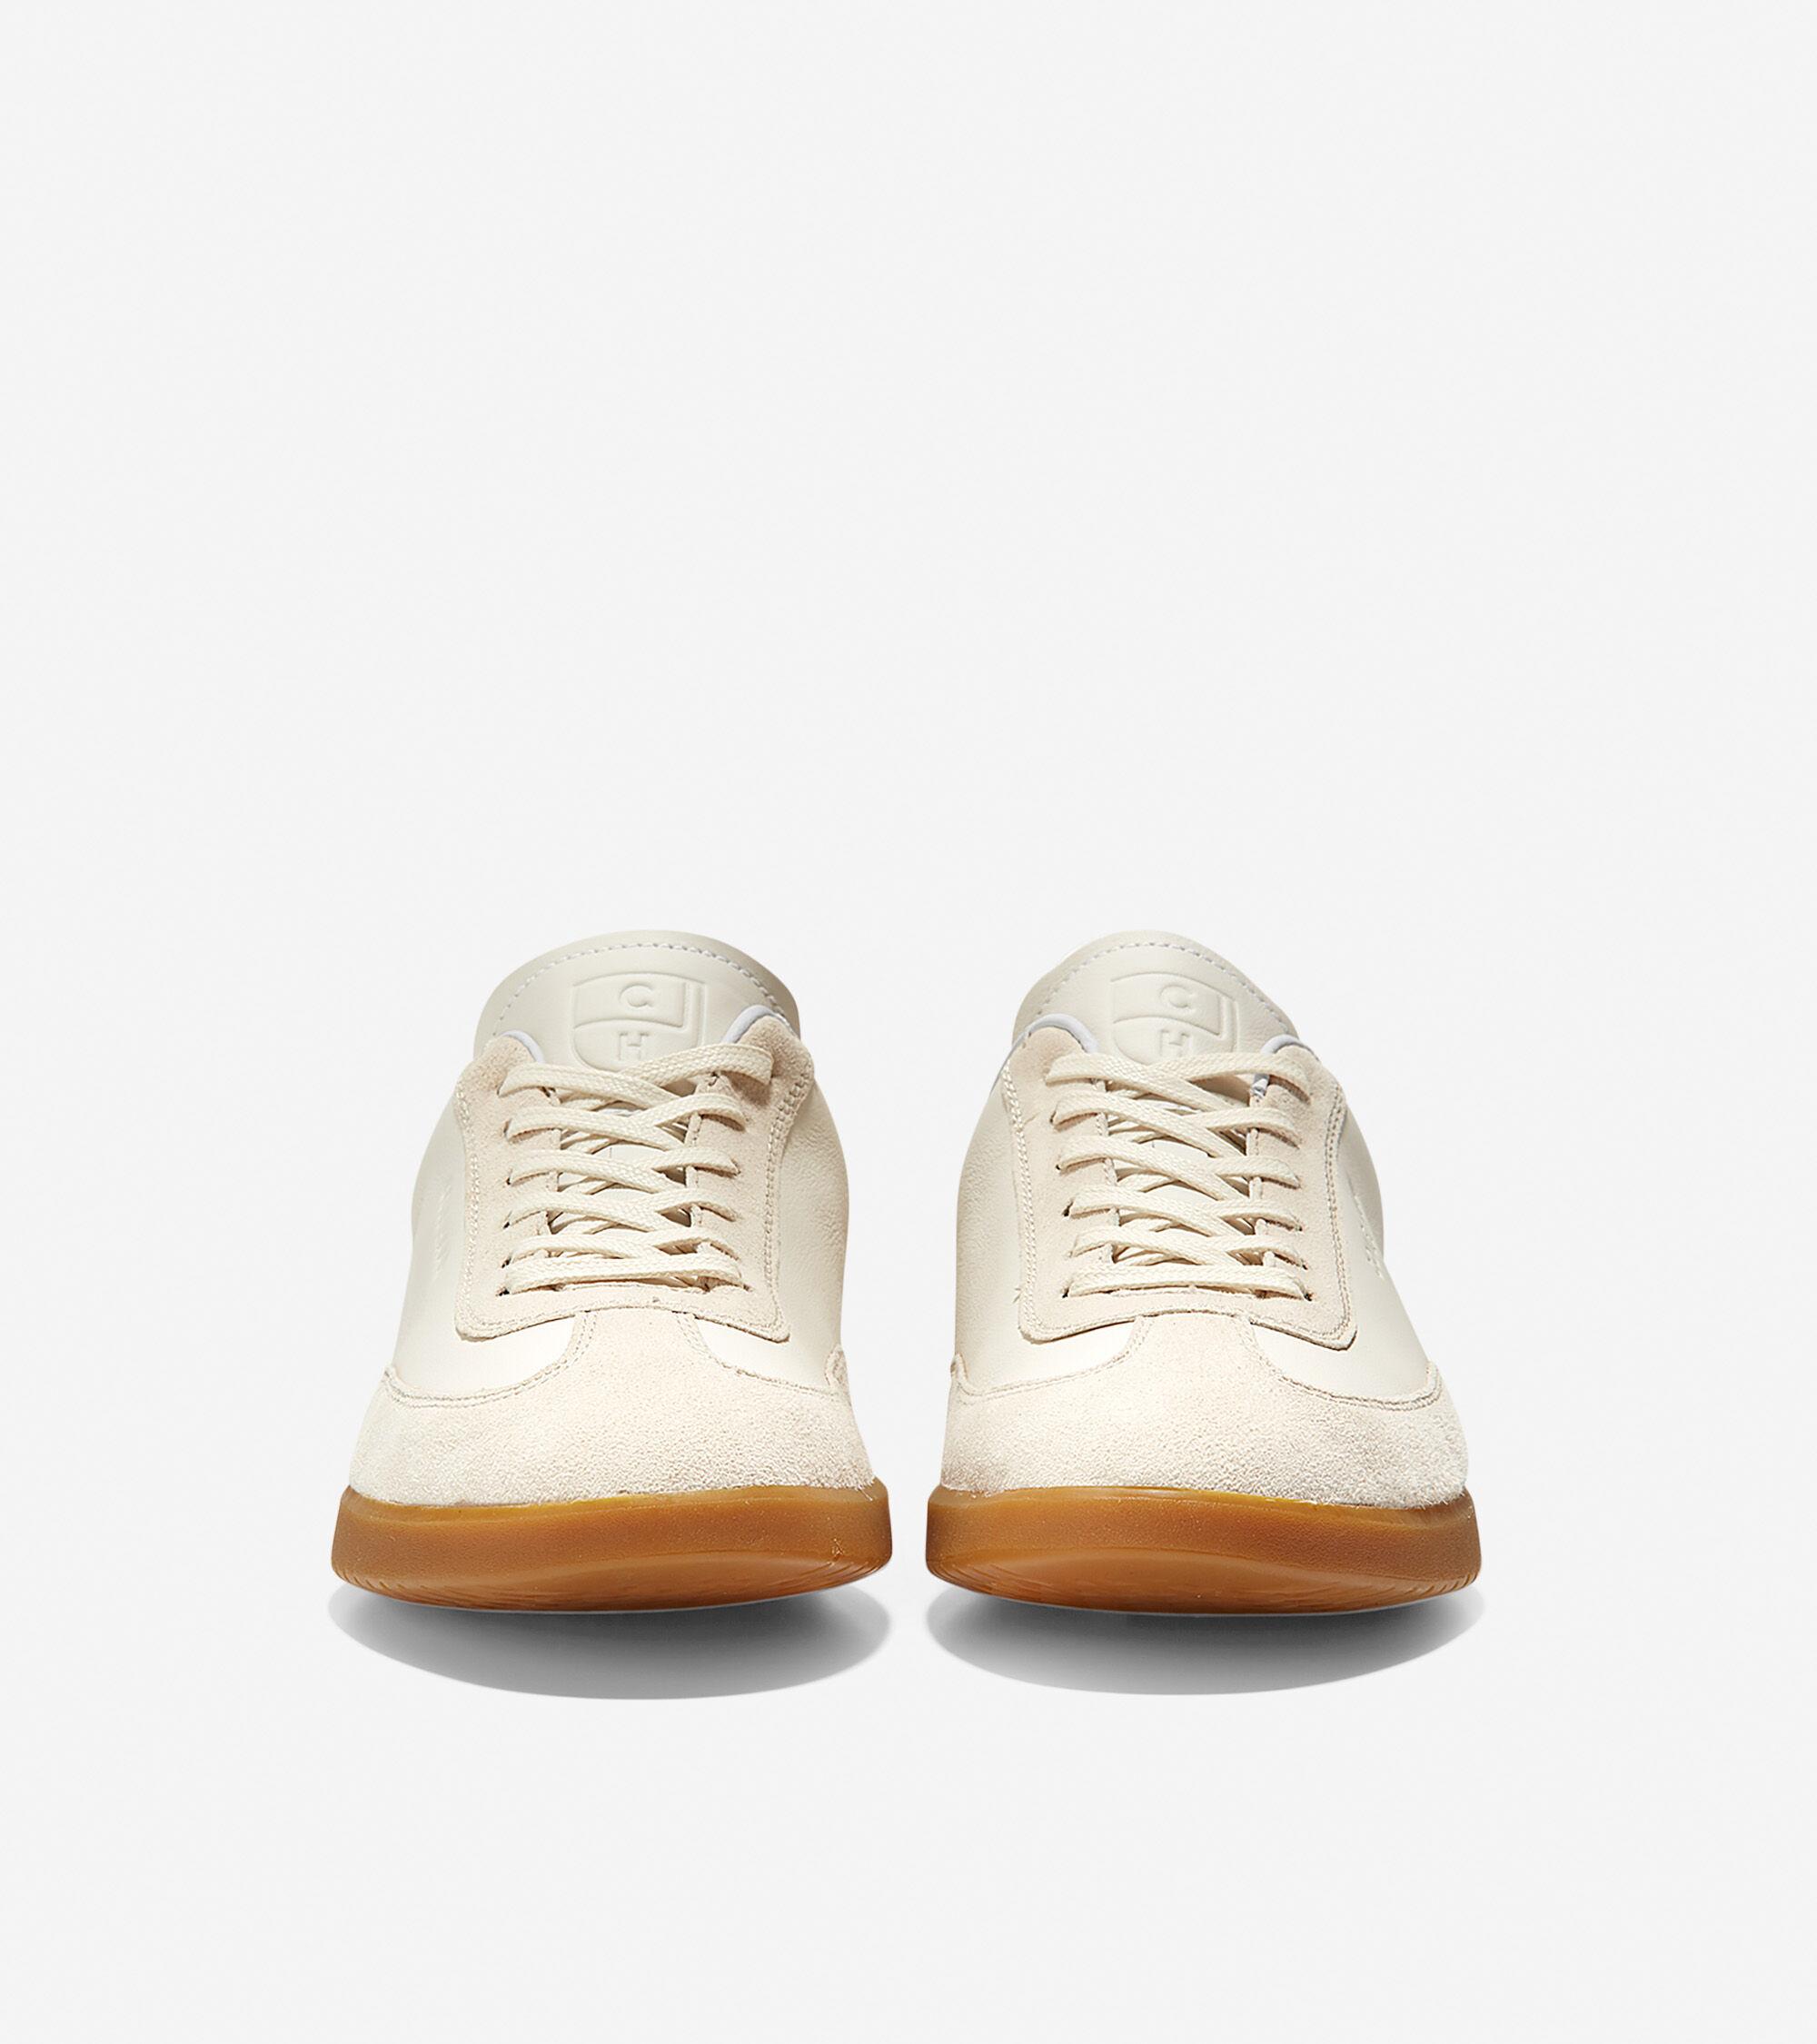 fbf8ce4b3da94 Men s GrandPro Turf Sneakers in Ivory-Pumice Stone